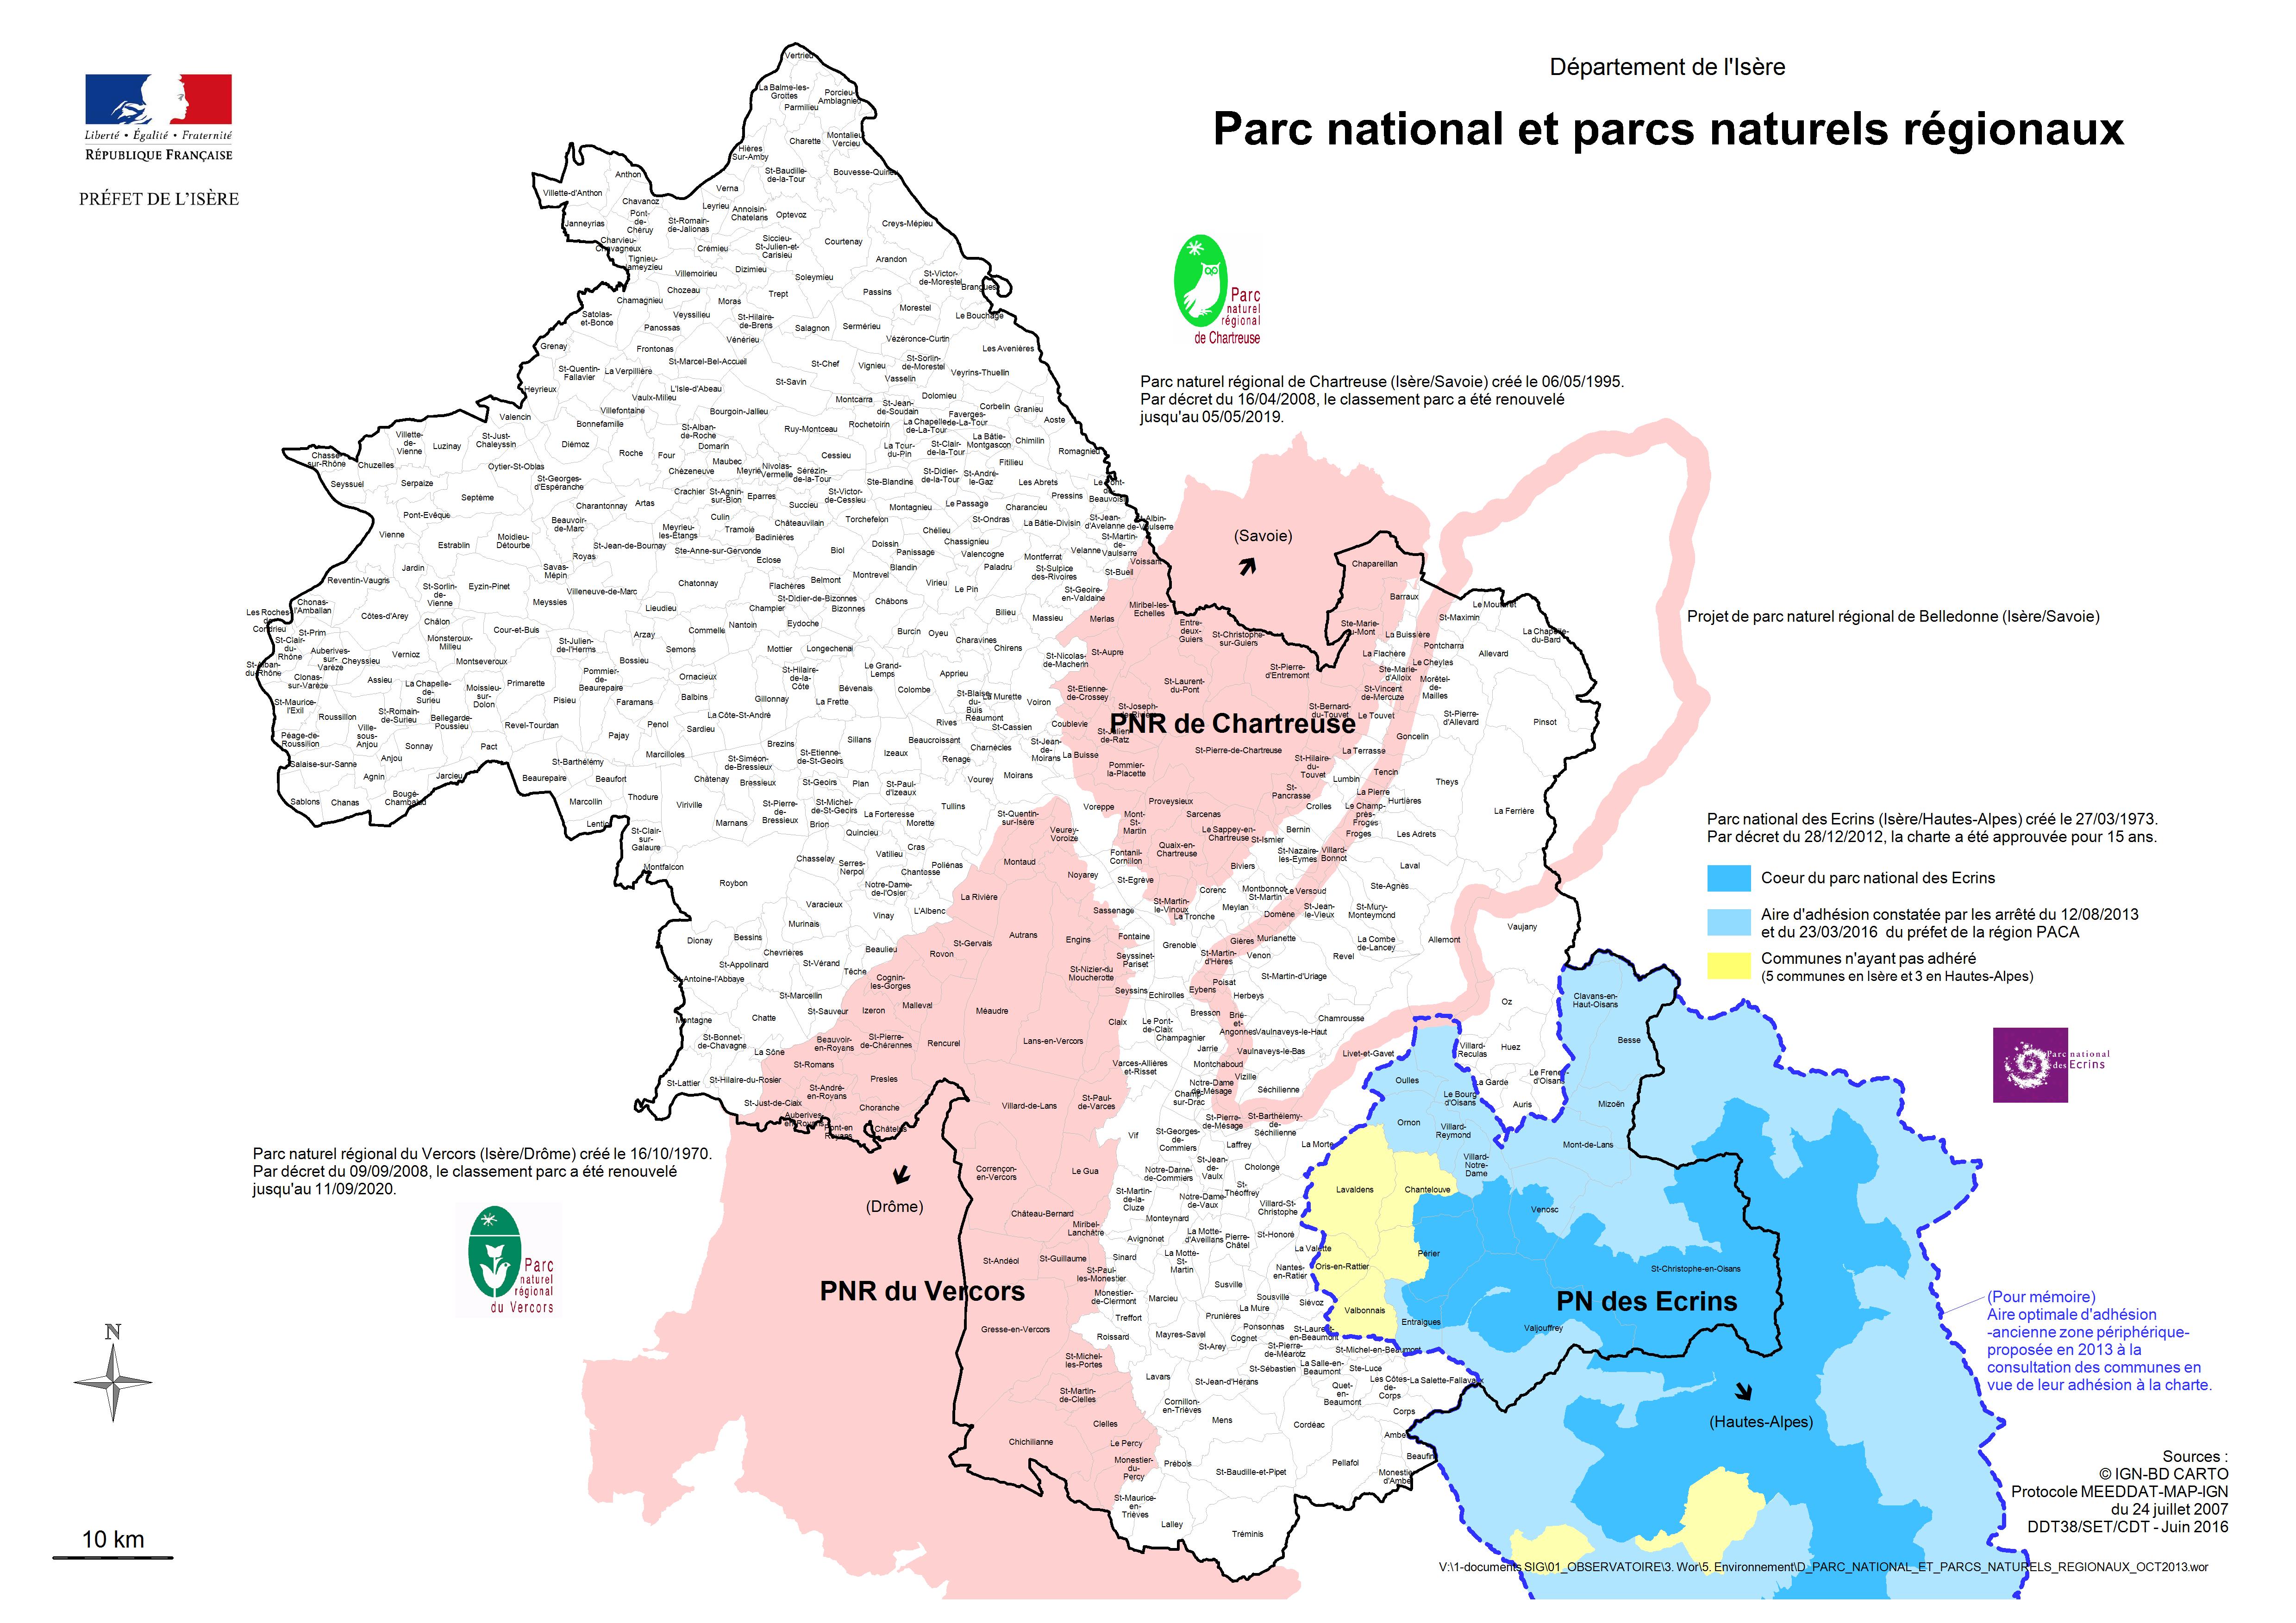 Parc national et parcs r gionaux g n ralit s - Conseil national des parcs et jardins ...